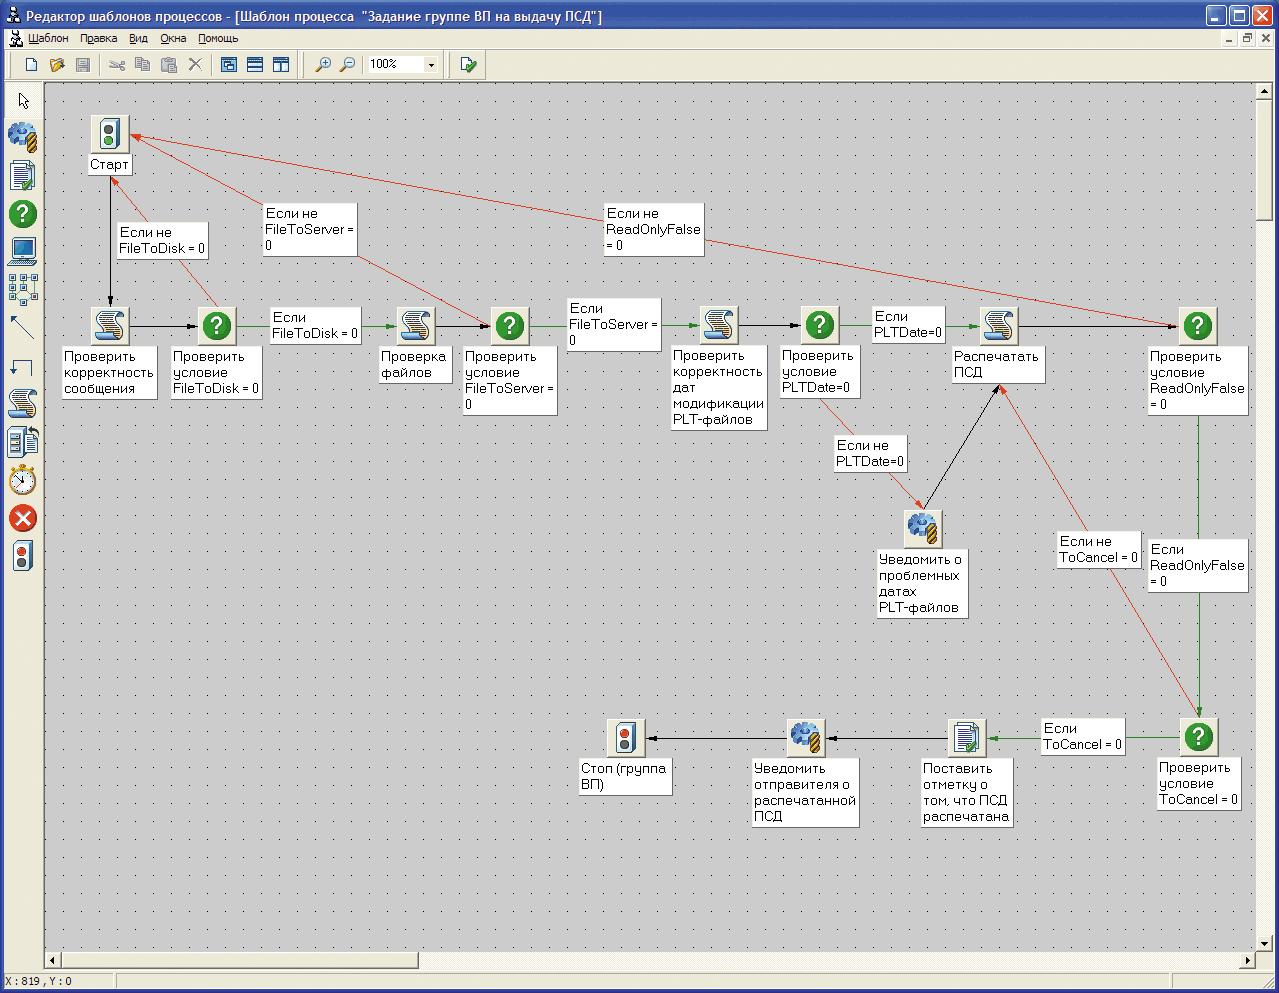 Рис 1 процесс формирования бумажной